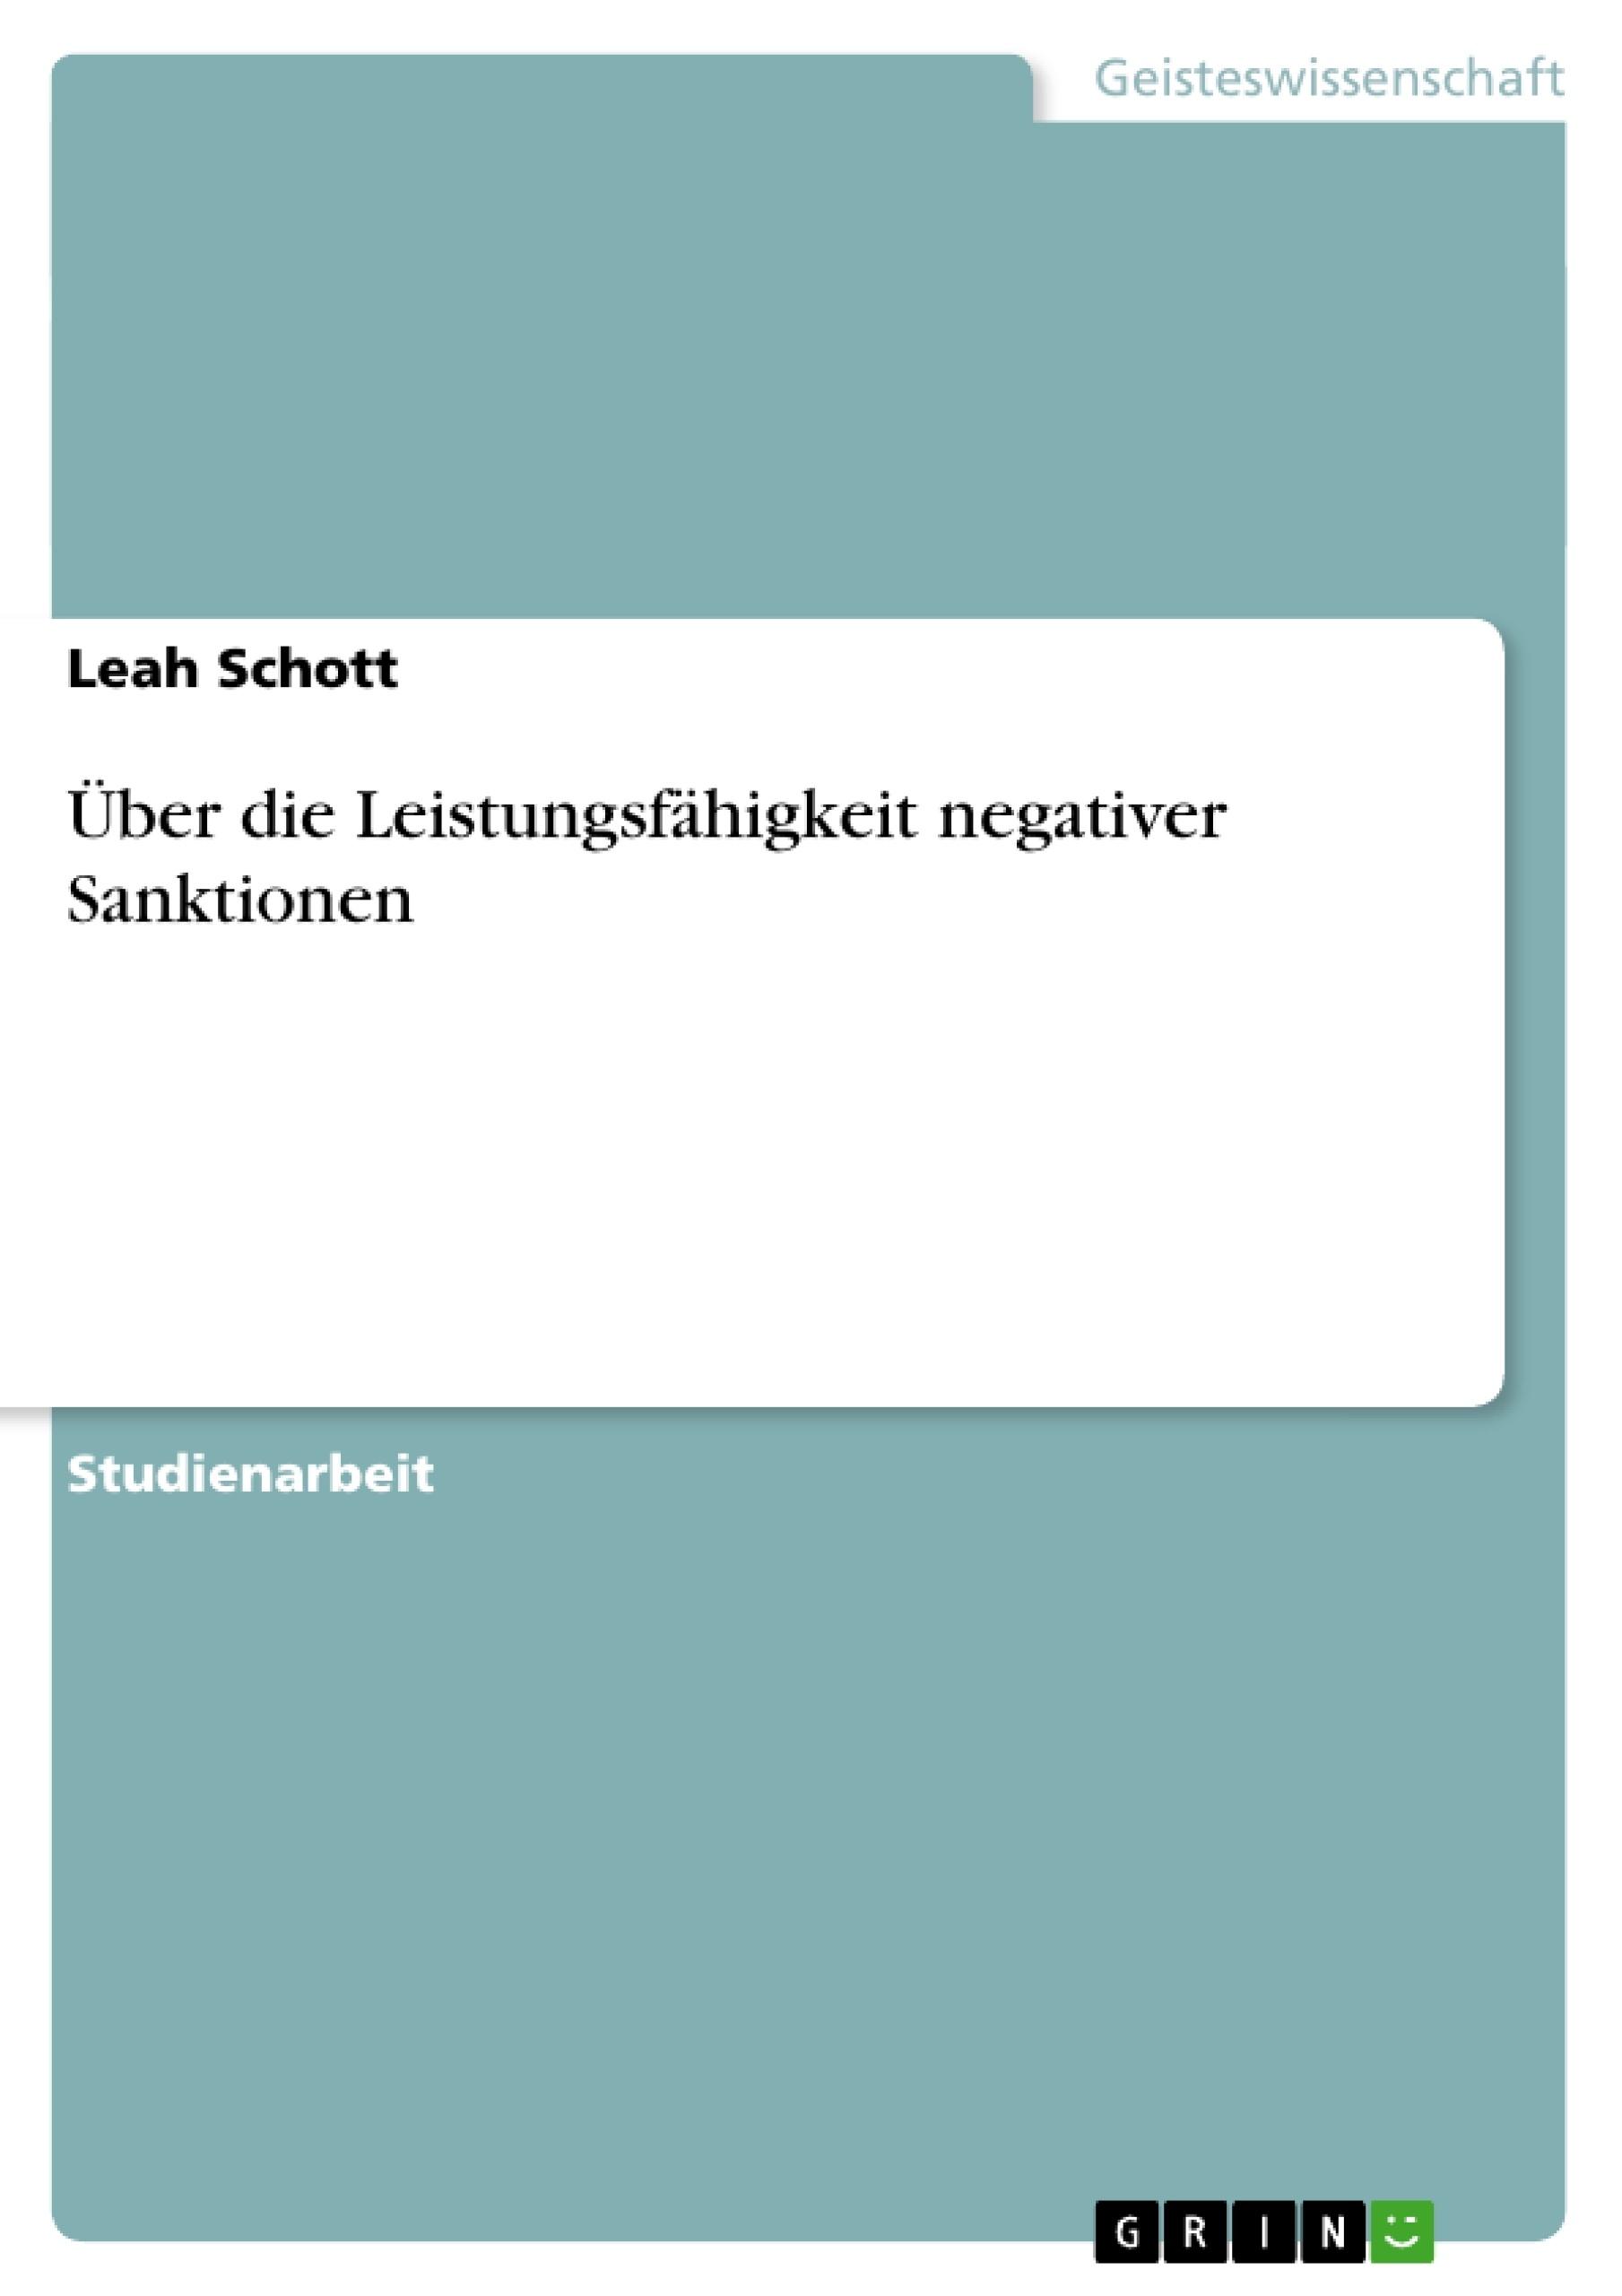 Titel: Über die Leistungsfähigkeit negativer Sanktionen